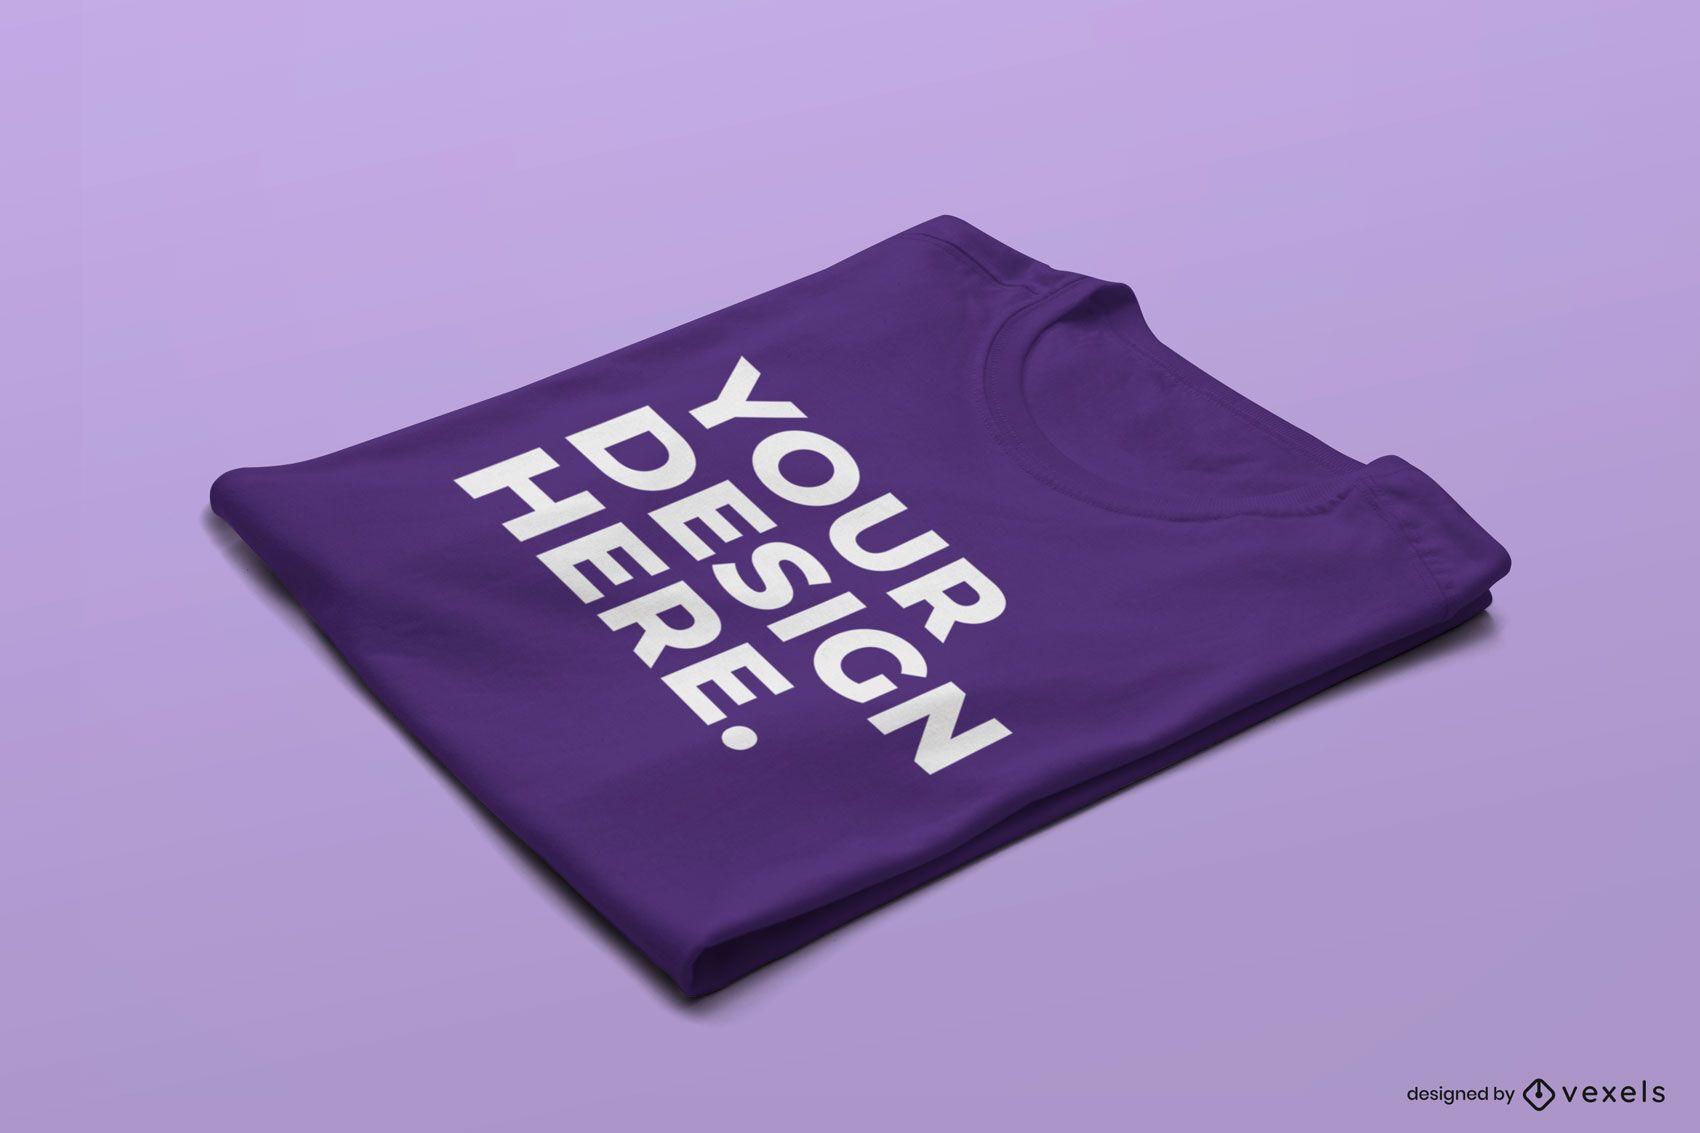 Design de maquete dobrada de camiseta